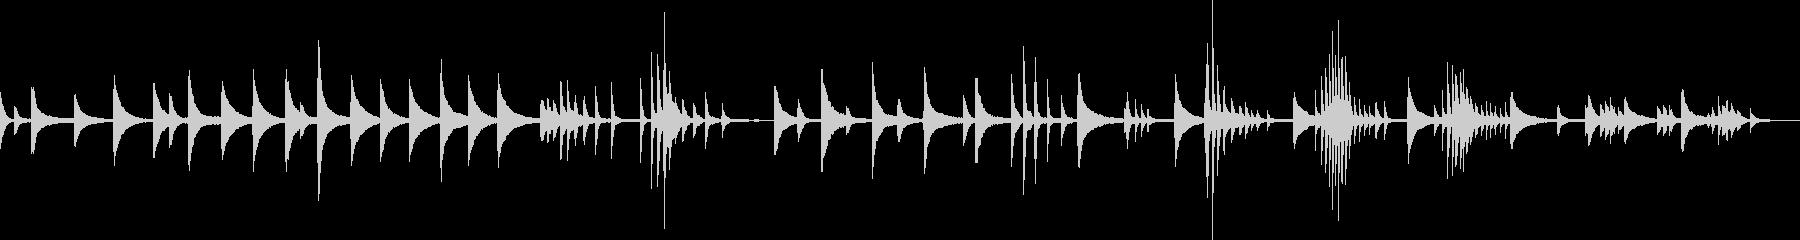 幻想的で儚いピアノバラード曲の未再生の波形